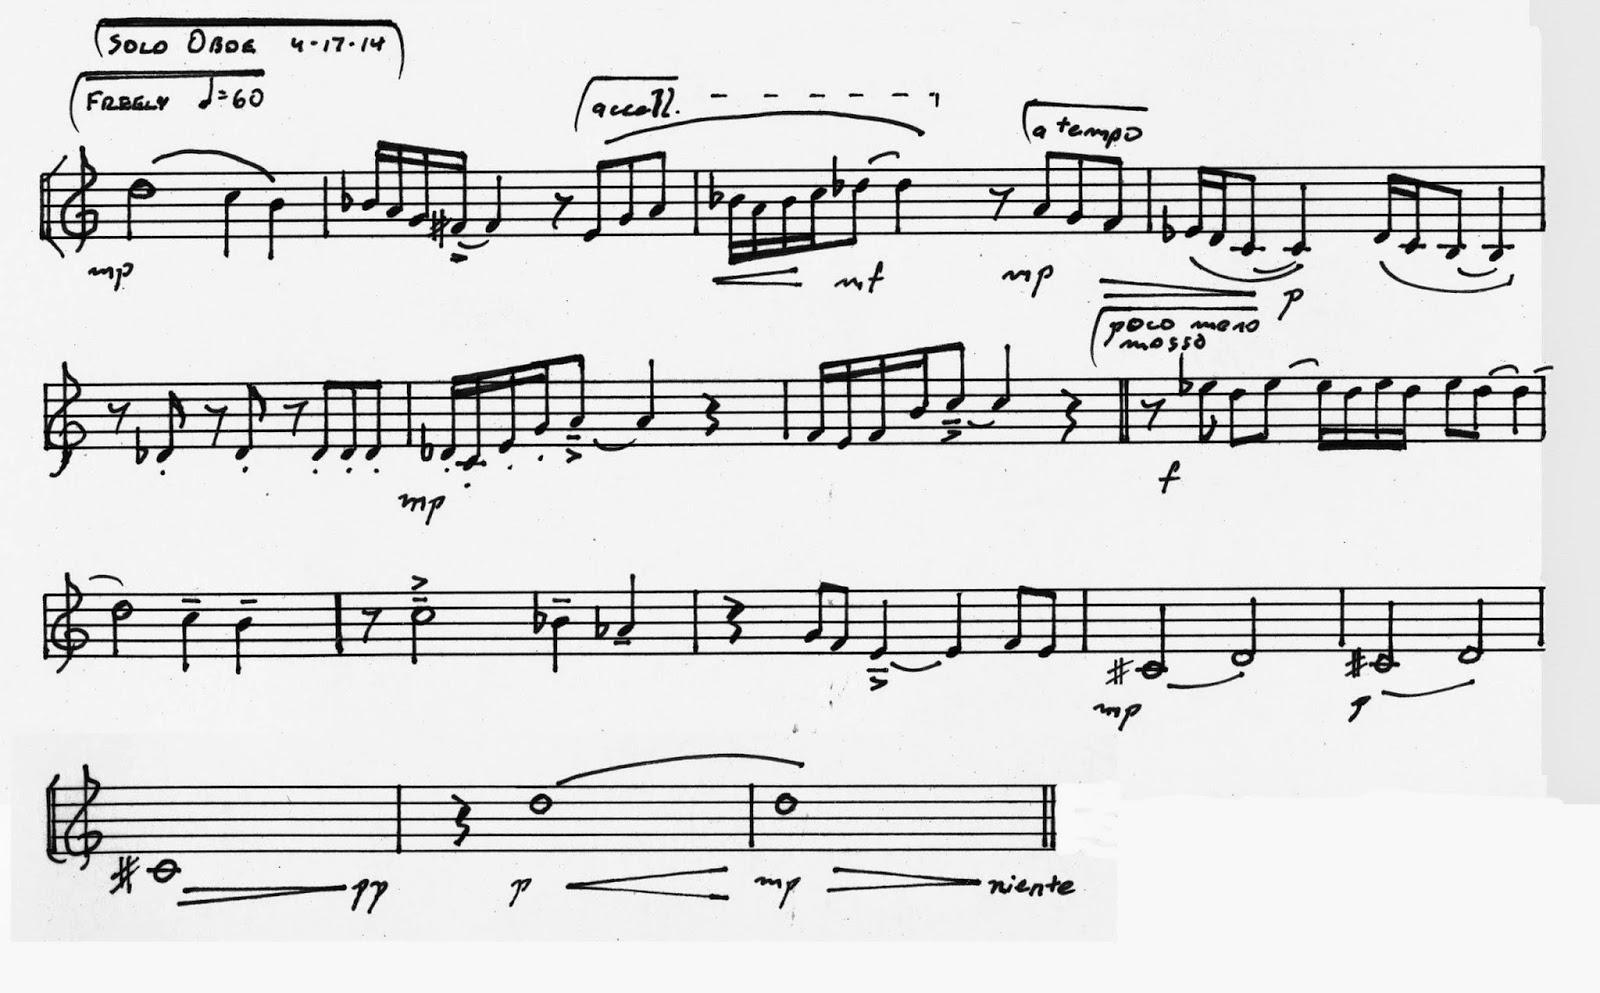 Finding Beauty In Ephemera Diabelli Project 074 Piece For Solo Oboe